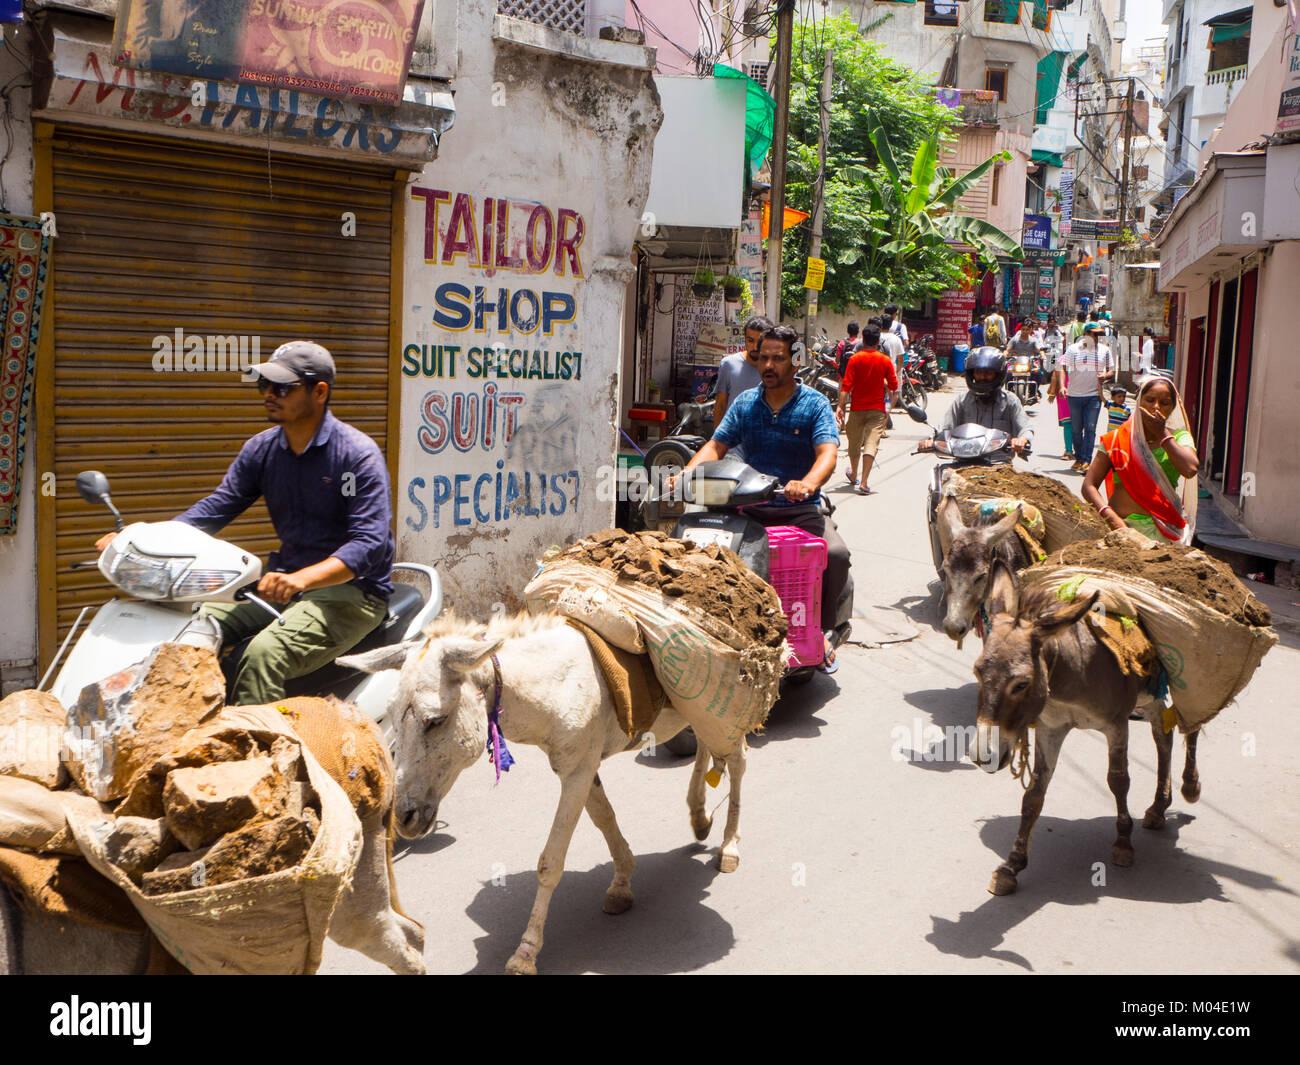 Ein buntes Bild des Alltags in einer indischen Stadt - der Transfer von Baustoffen mit Eseln Stockbild